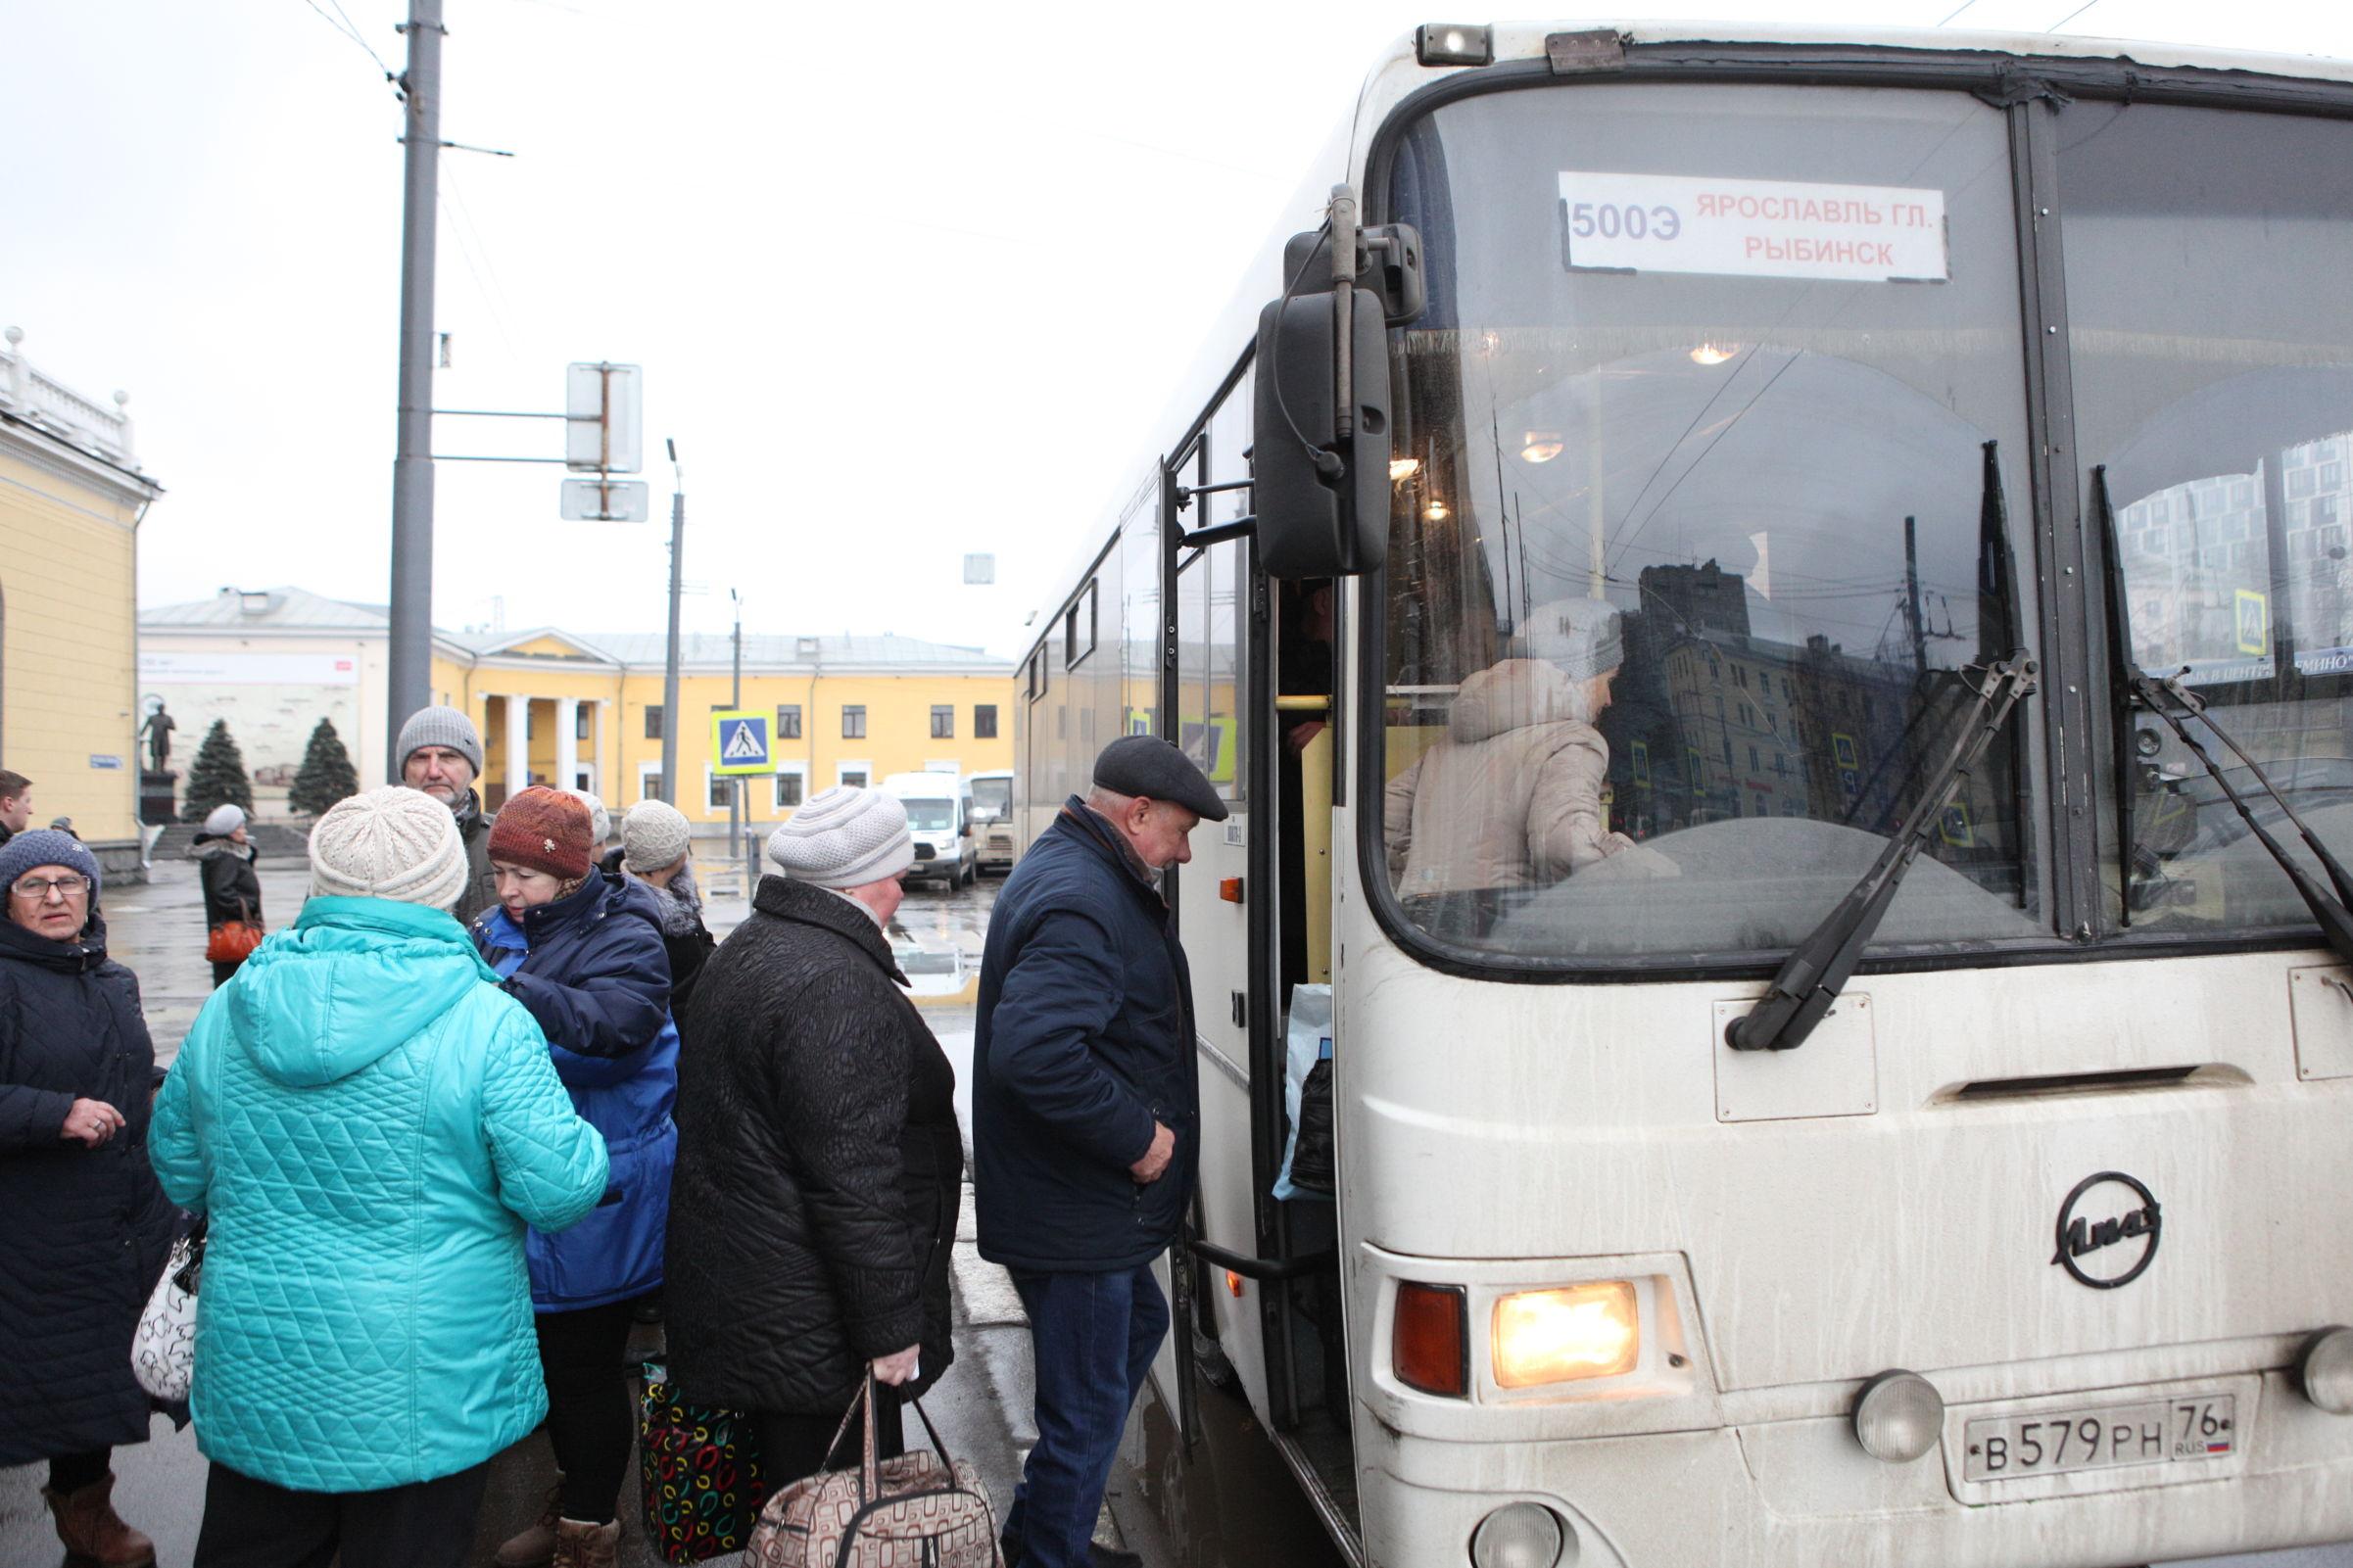 Автобусы в тестовом режиме. Как в Ярославской области совершенствуют новую схему пригородных перевозок